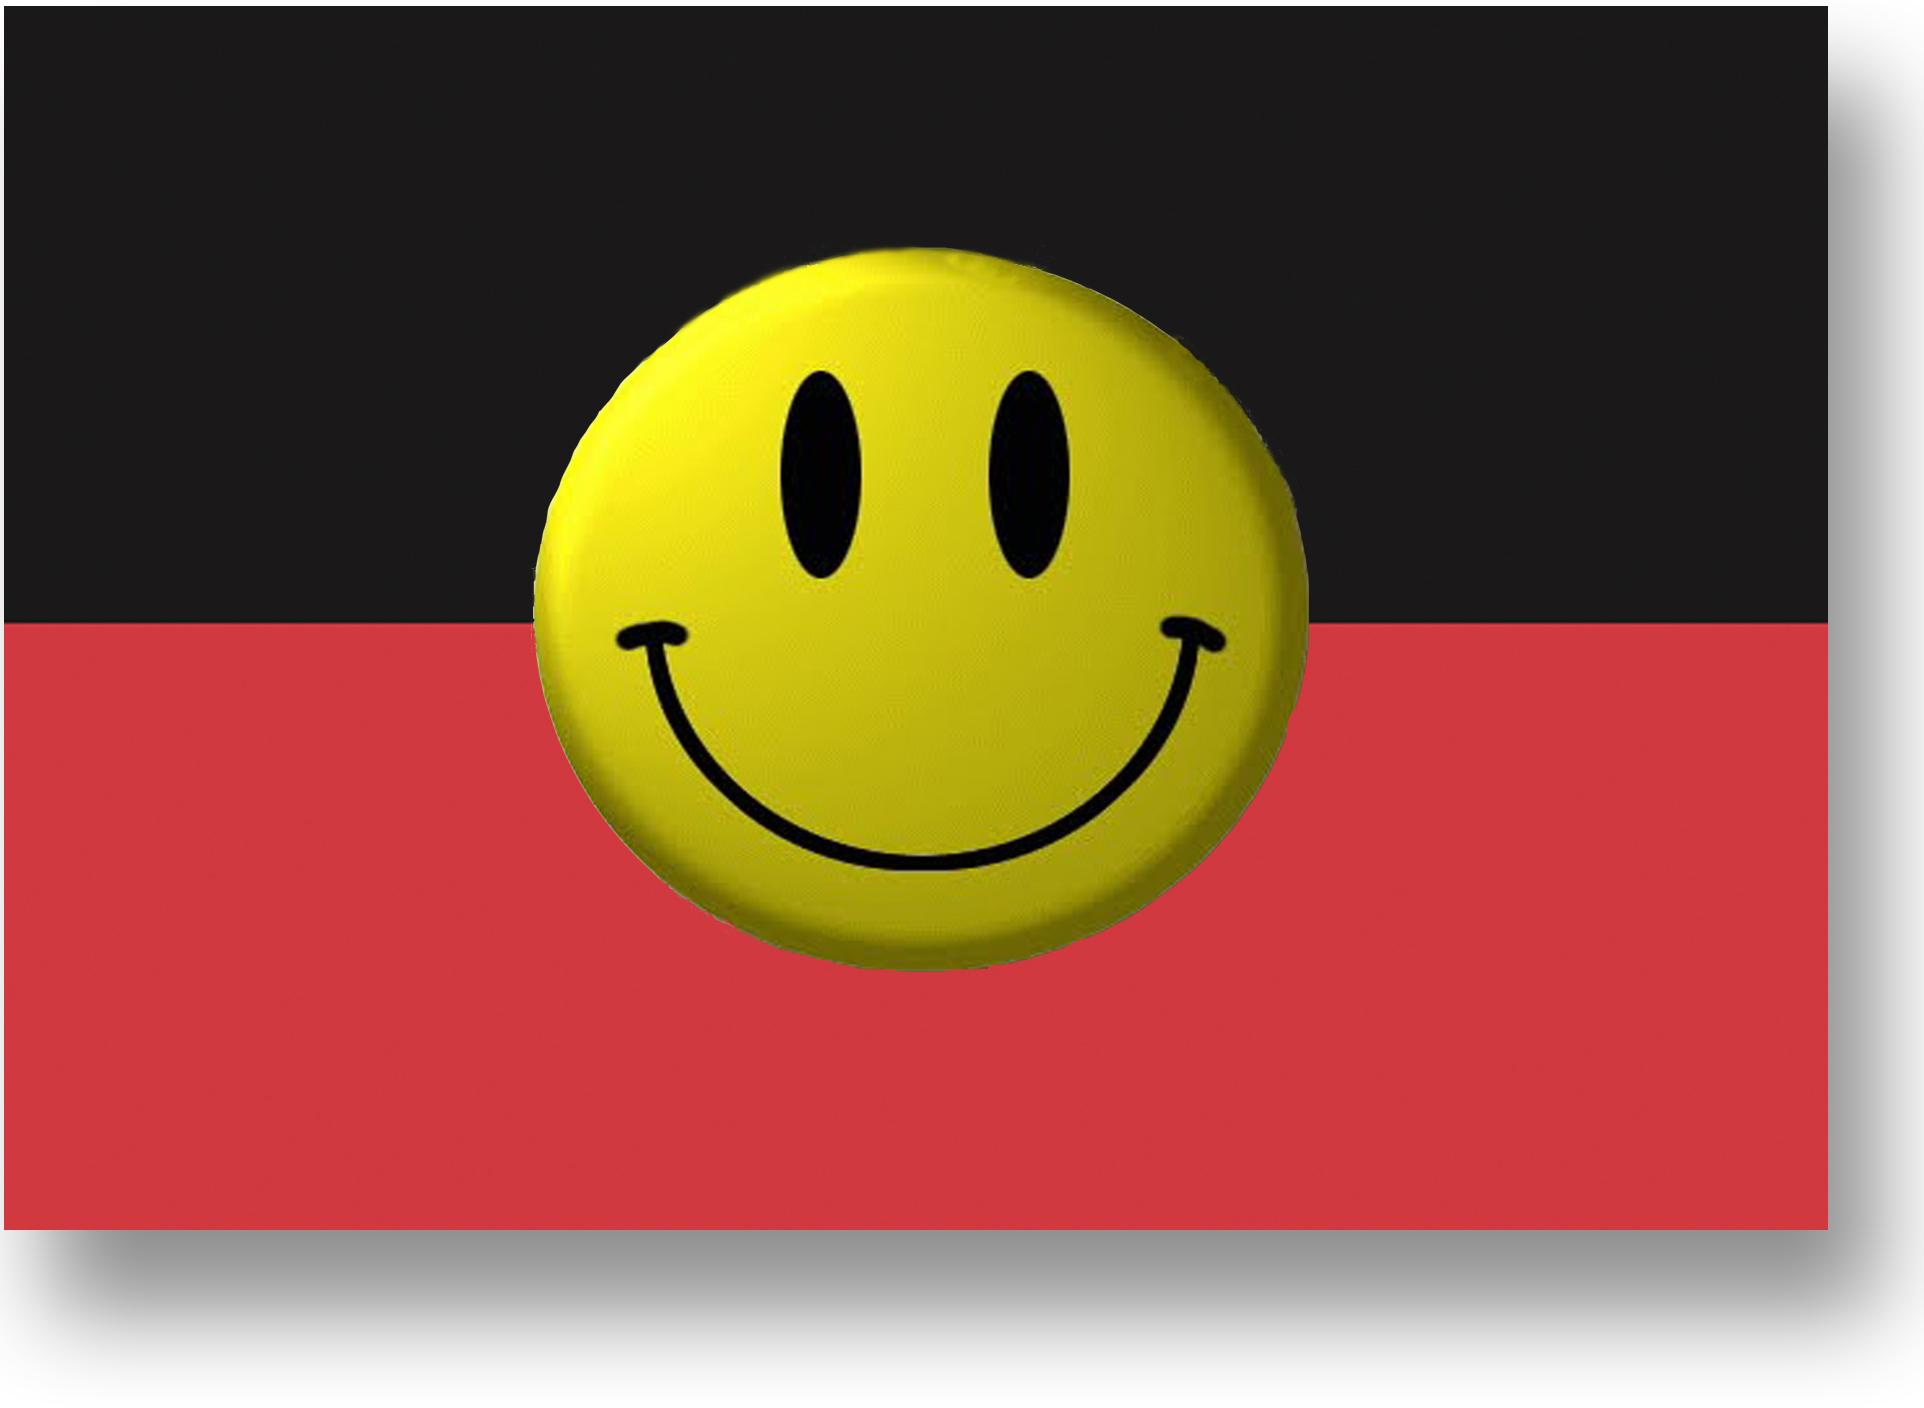 newaustralianflag the new australian flag